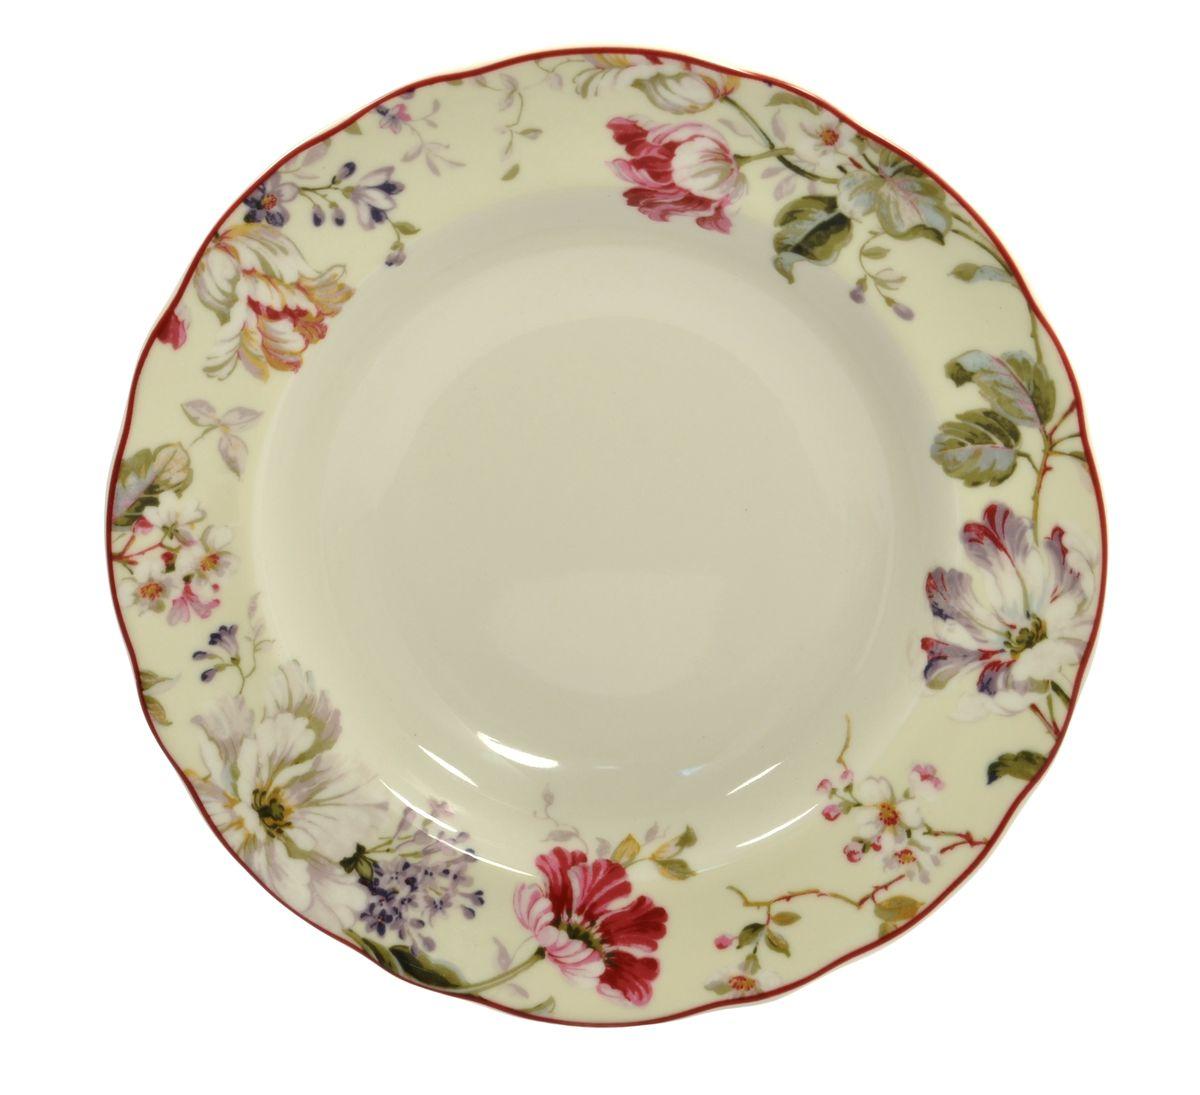 Тарелка глубокая Utana Жизела, диаметр 23,5 смUTGC97920Тарелка Utana Жизела изготовлена из высококачественной керамики. Предназначена для подачи супа или салата. Изделие декорировано цветочным принтом. Такая тарелка украсит сервировку стола и подчеркнет прекрасный вкус хозяйки. Можно мыть в посудомоечной машине и использовать в СВЧ. Диаметр: 23,5 см. Высота: 4 см.